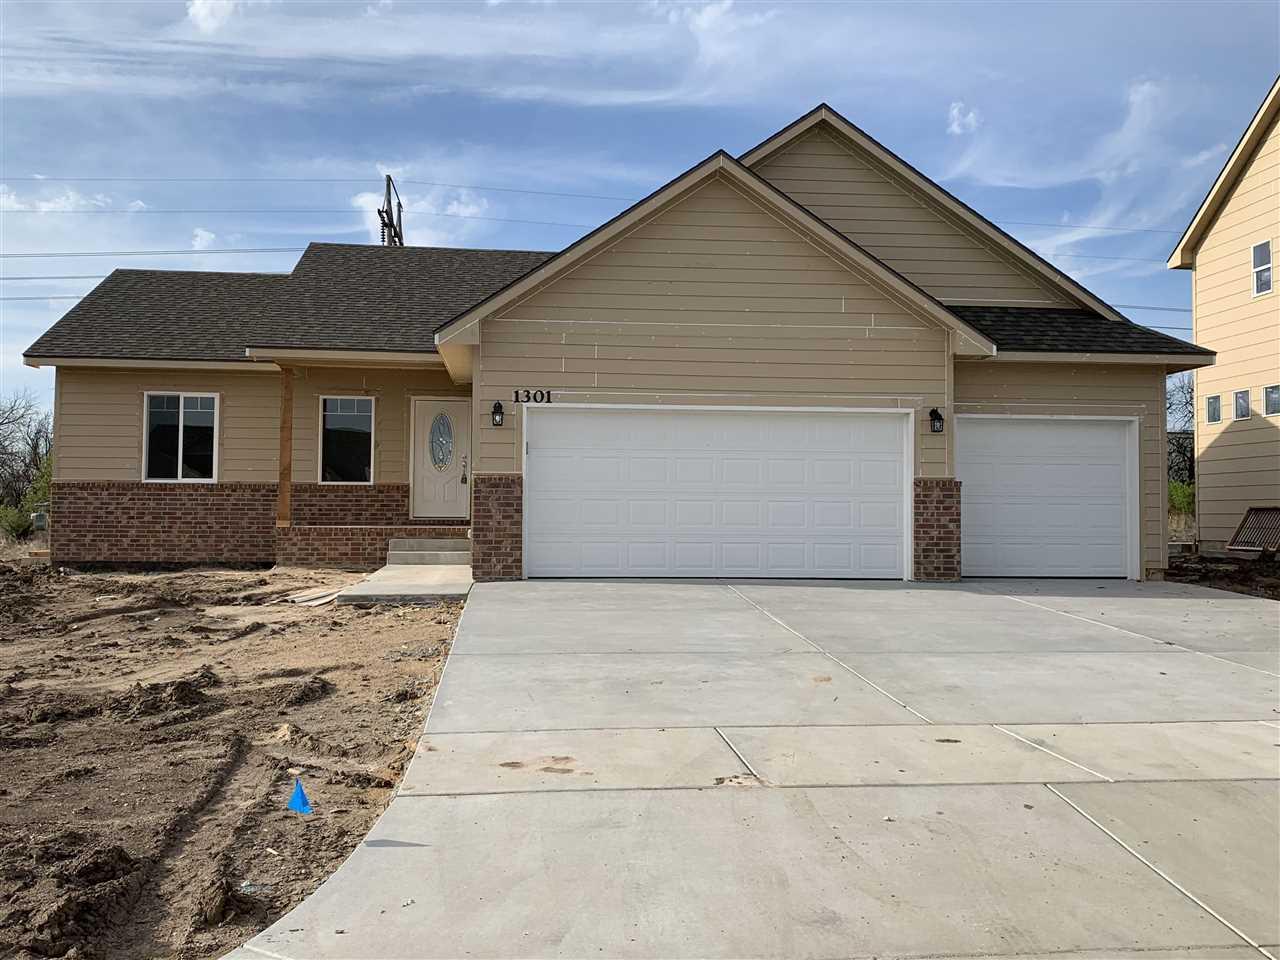 1301 E Prairie Hill Cir, Park City, KS, 67219